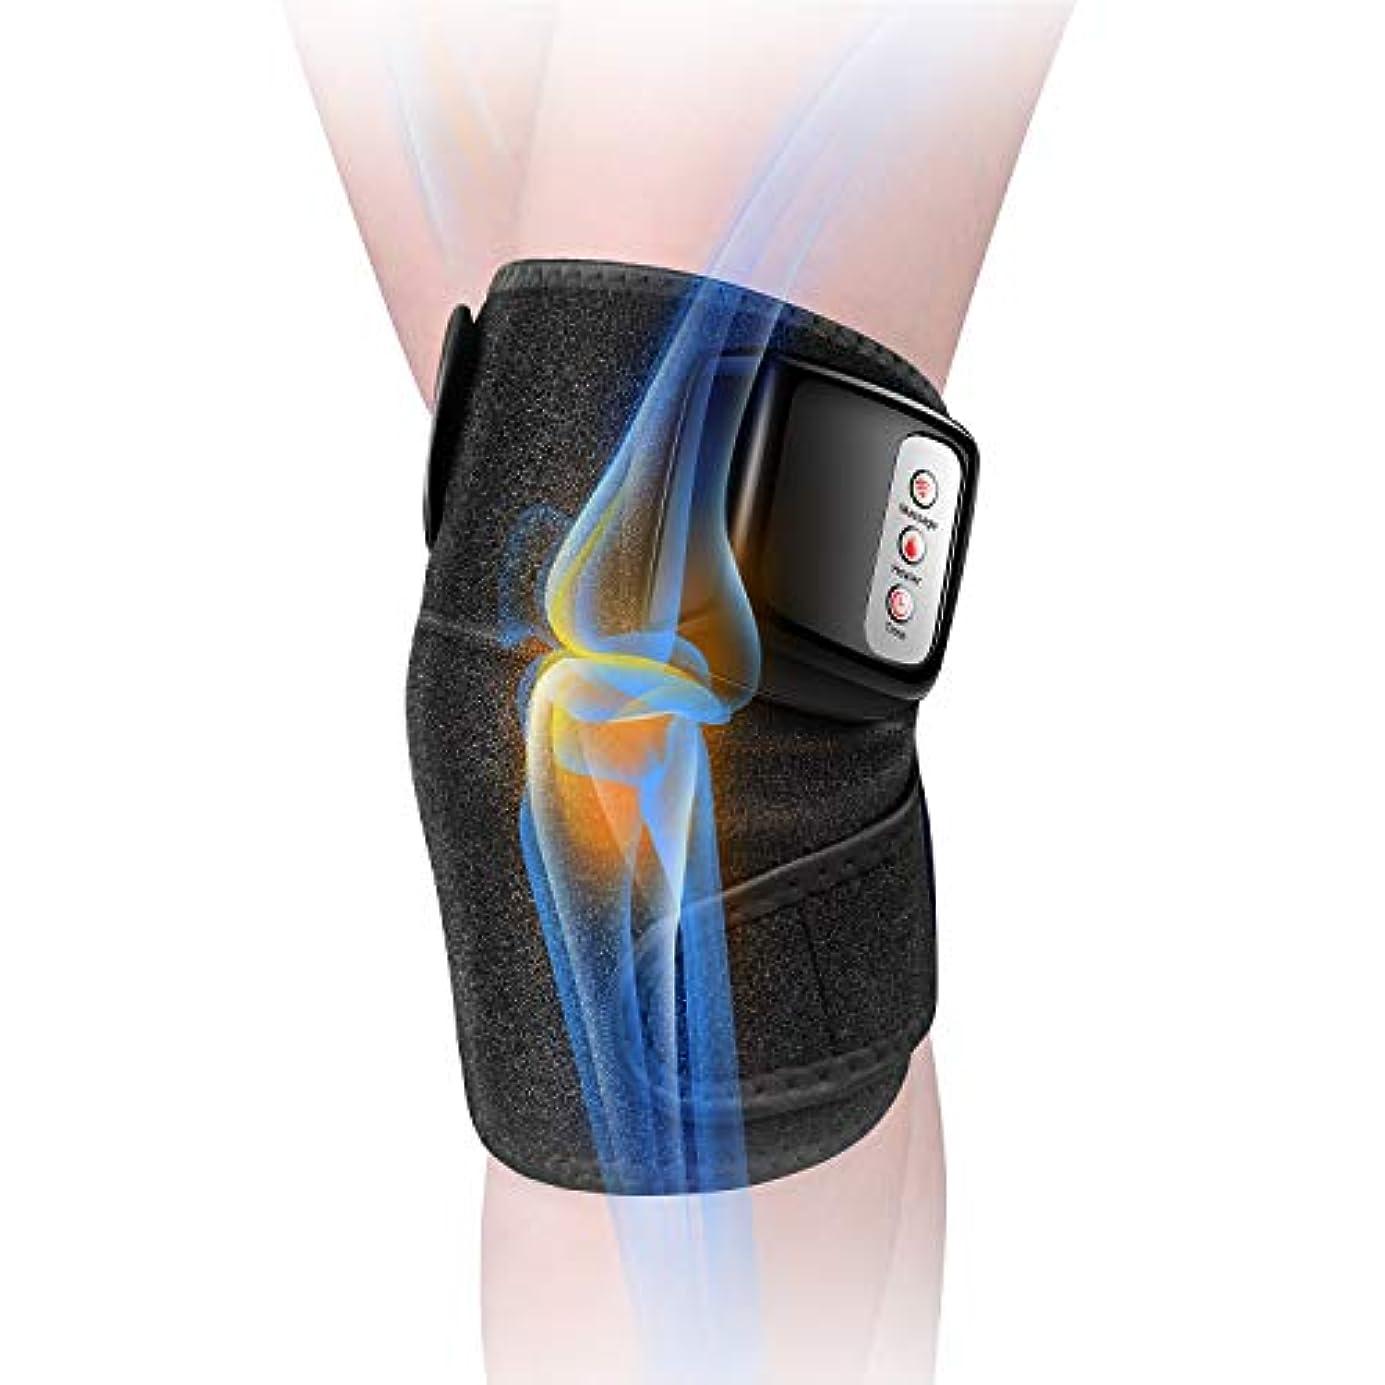 落ちた従者酔う膝マッサージャー 関節マッサージャー マッサージ器 フットマッサージャー 振動 赤外線療法 温熱療法 膝サポーター ストレス解消 肩 太もも/腕対応